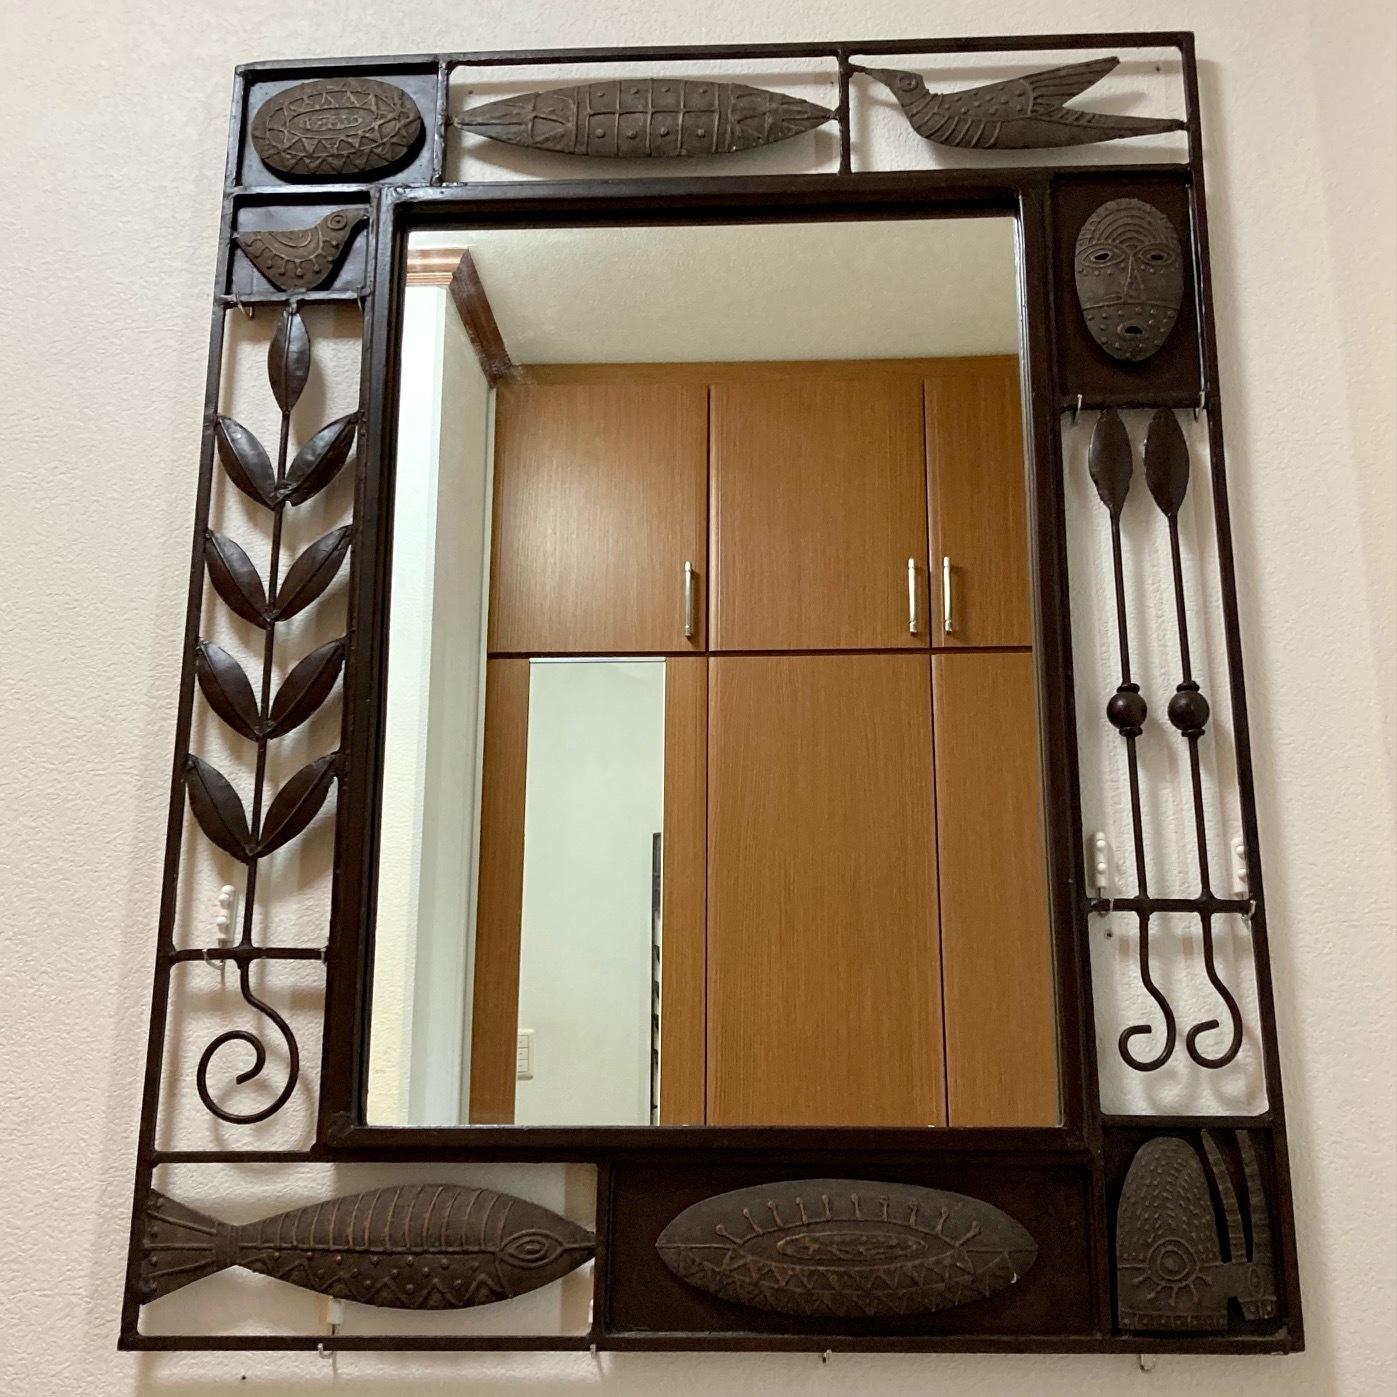 アーティスティックな額縁の大きな鏡